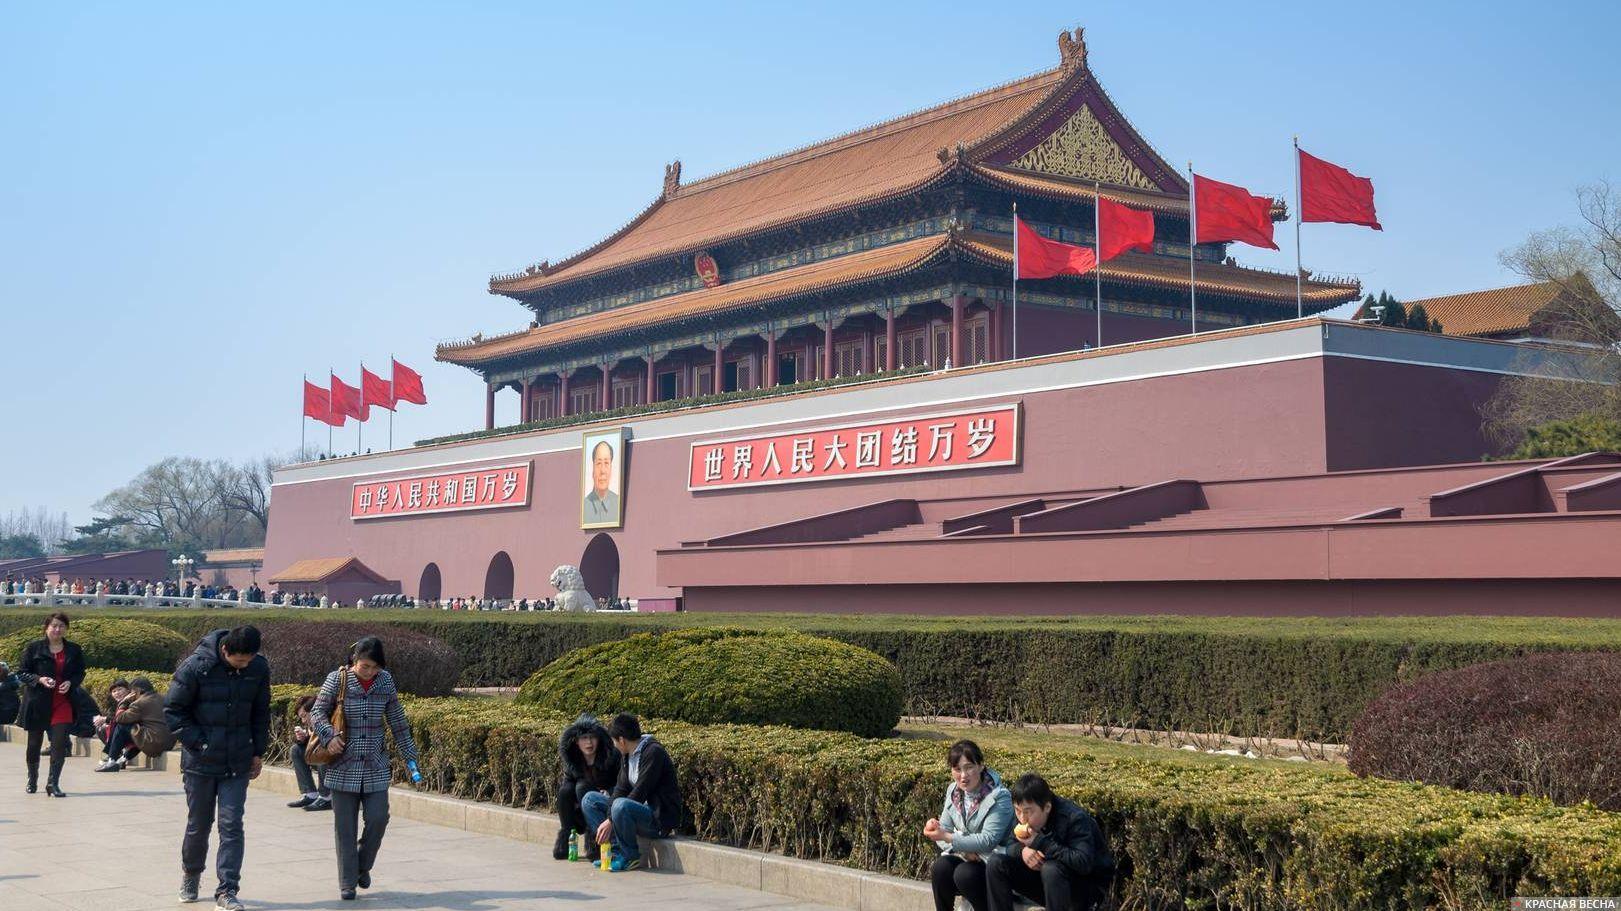 Врата Небесного Спокойствия (Тяньаньмэнь), Пекин, Китай. 25.03.2013